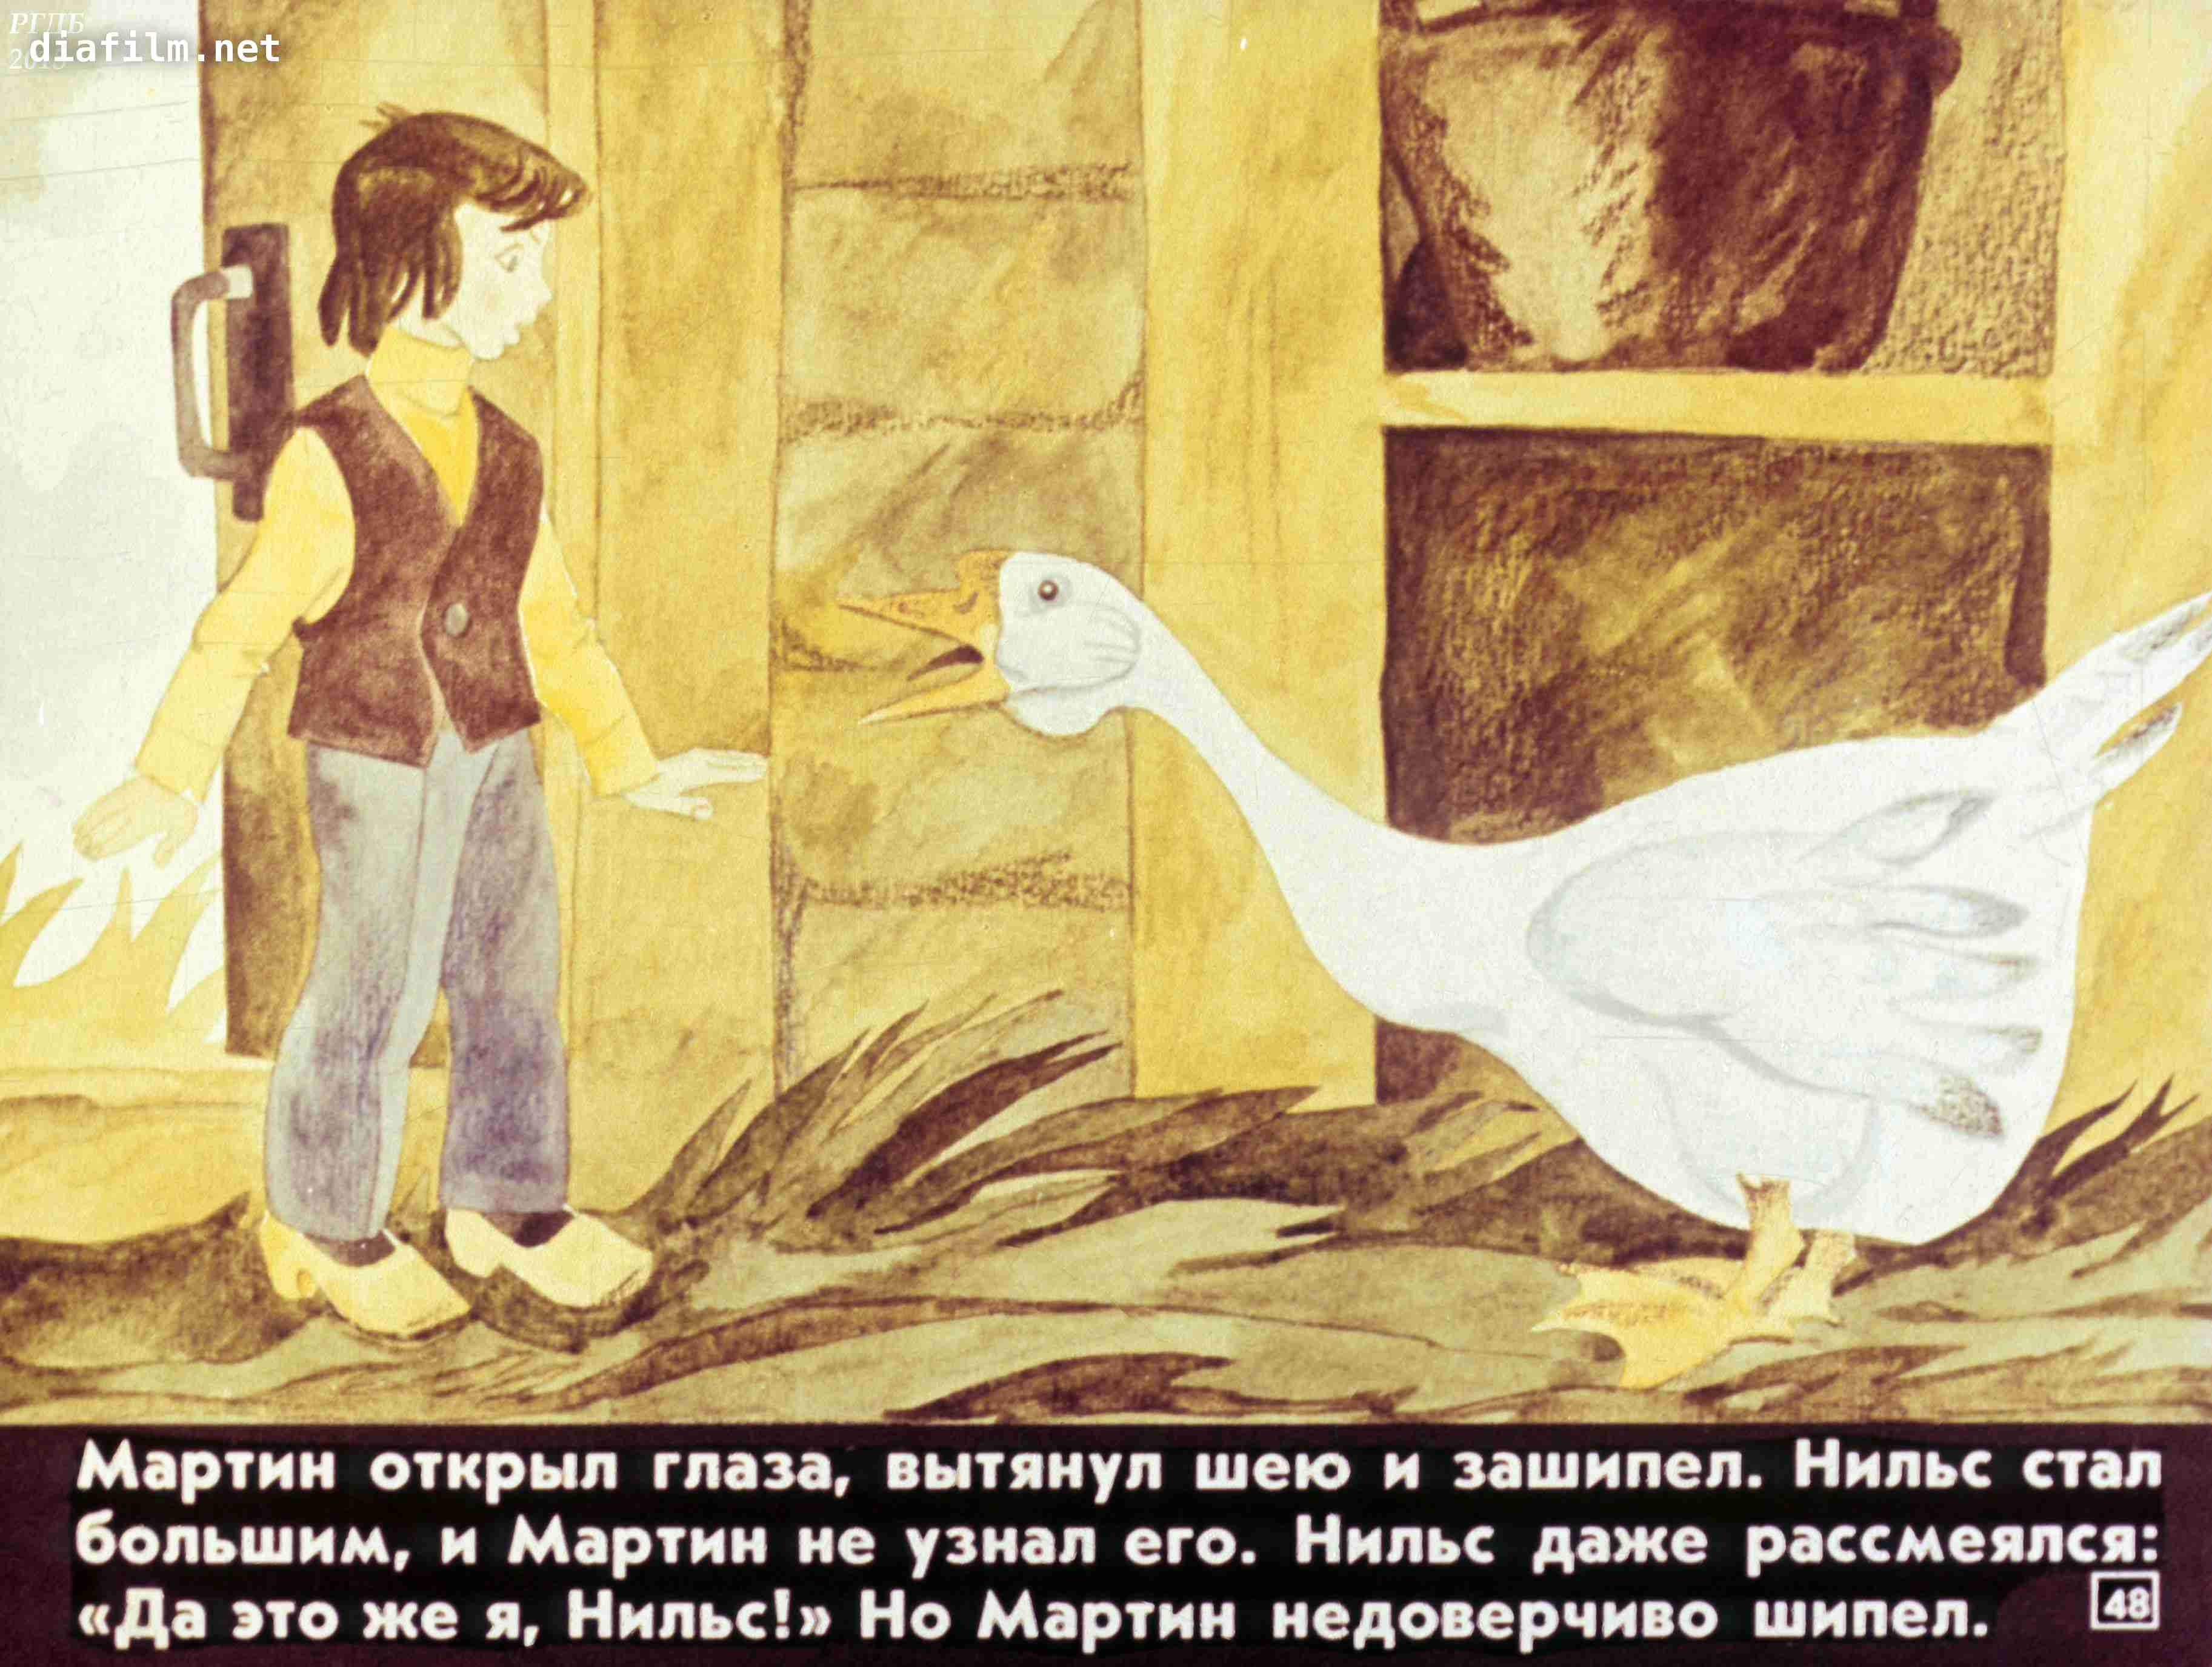 сказка путешествие нильса с дикими гусями картинки помощью этих удивительных